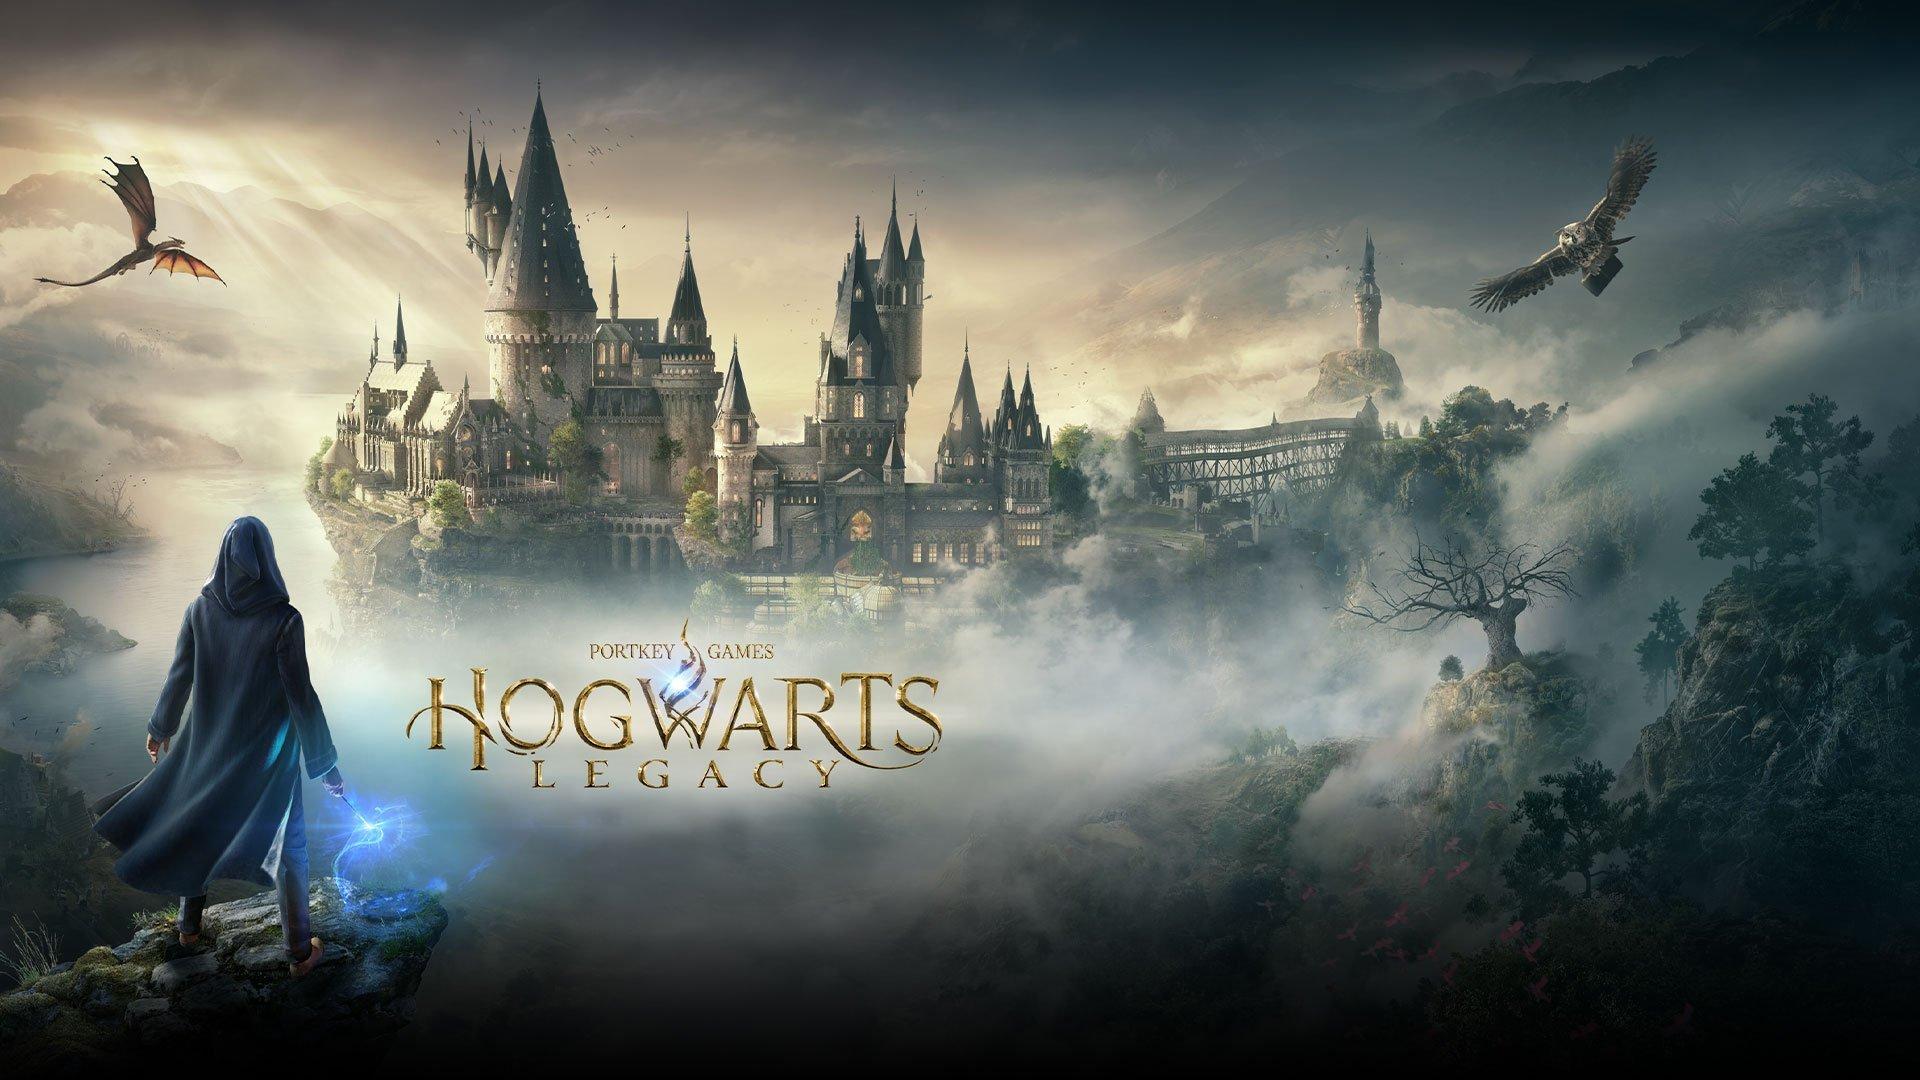 Arte de Hogwarts Legacy.